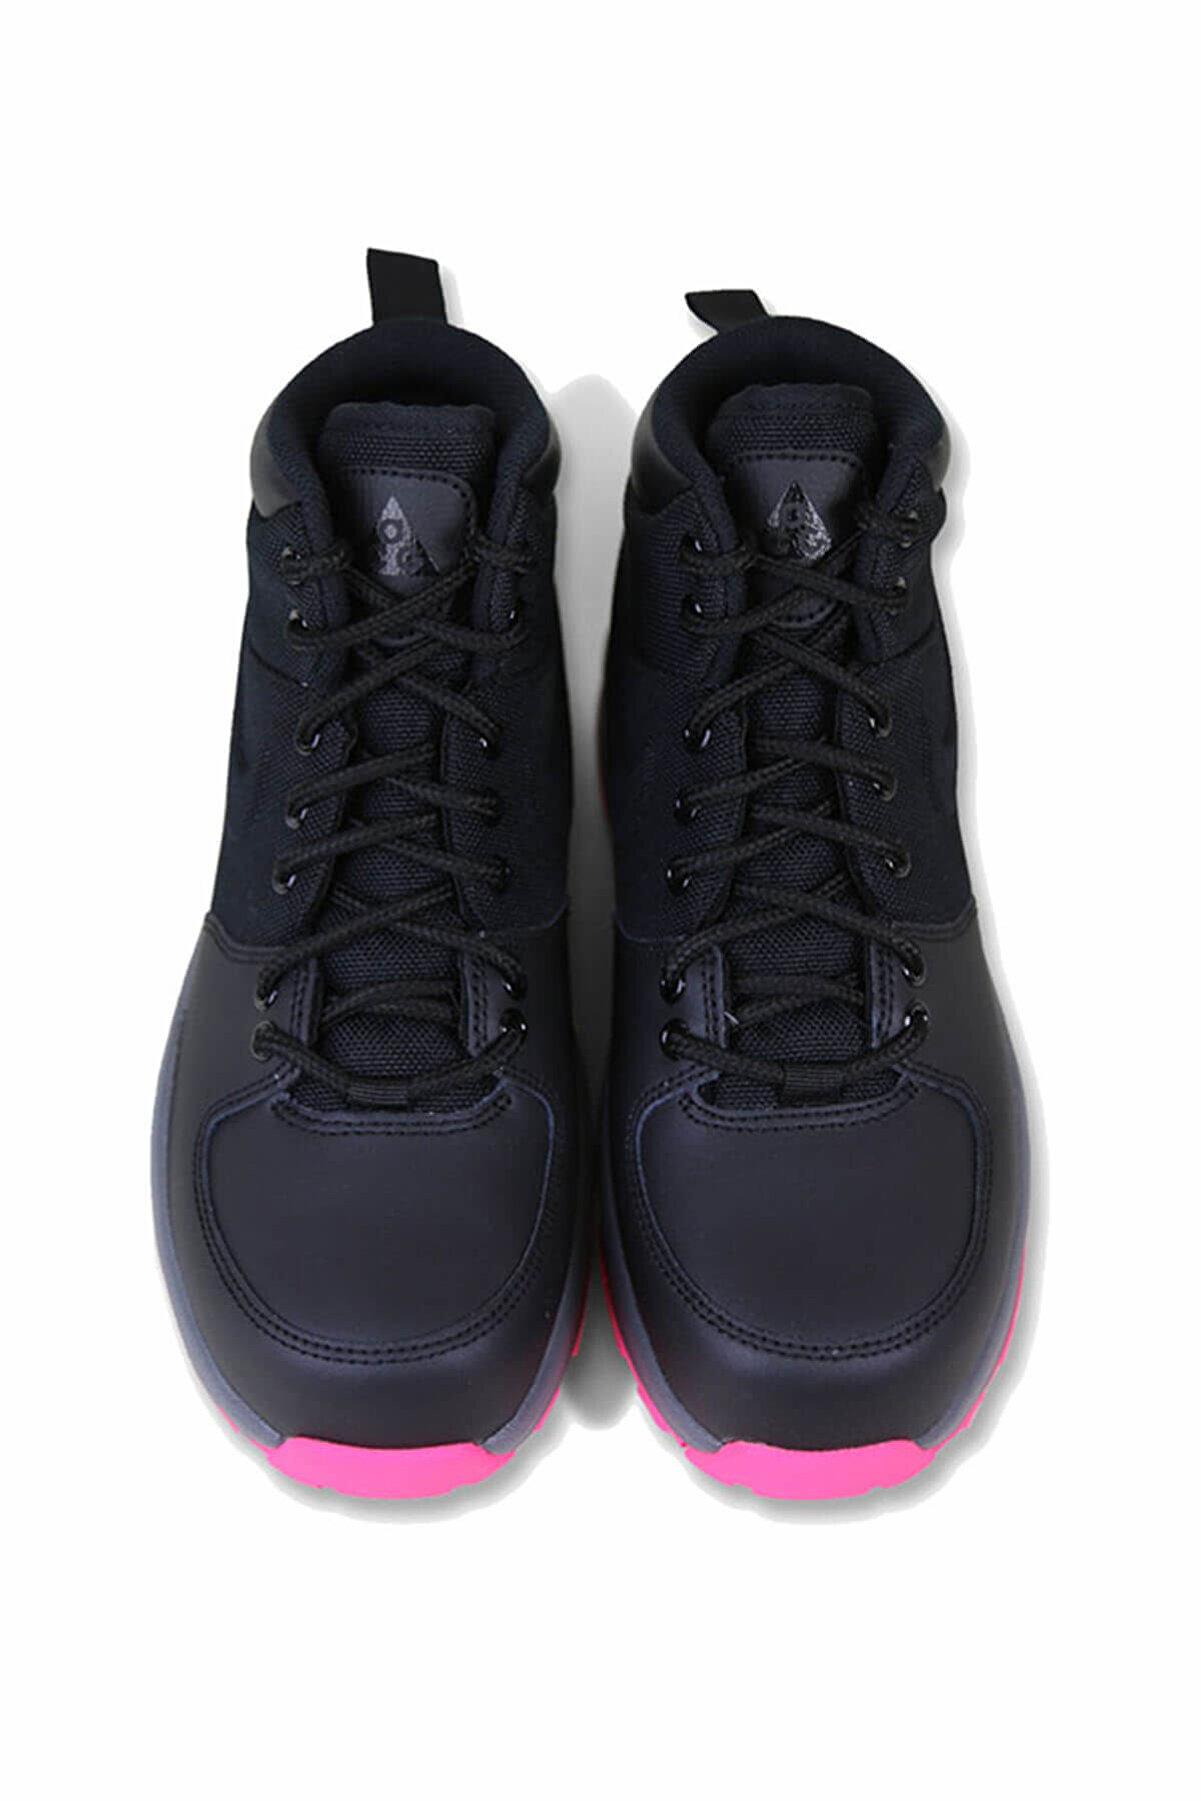 Nike Siyah Kız Outdoor Ayakkabı Manoa (Gs)  - 859412-006